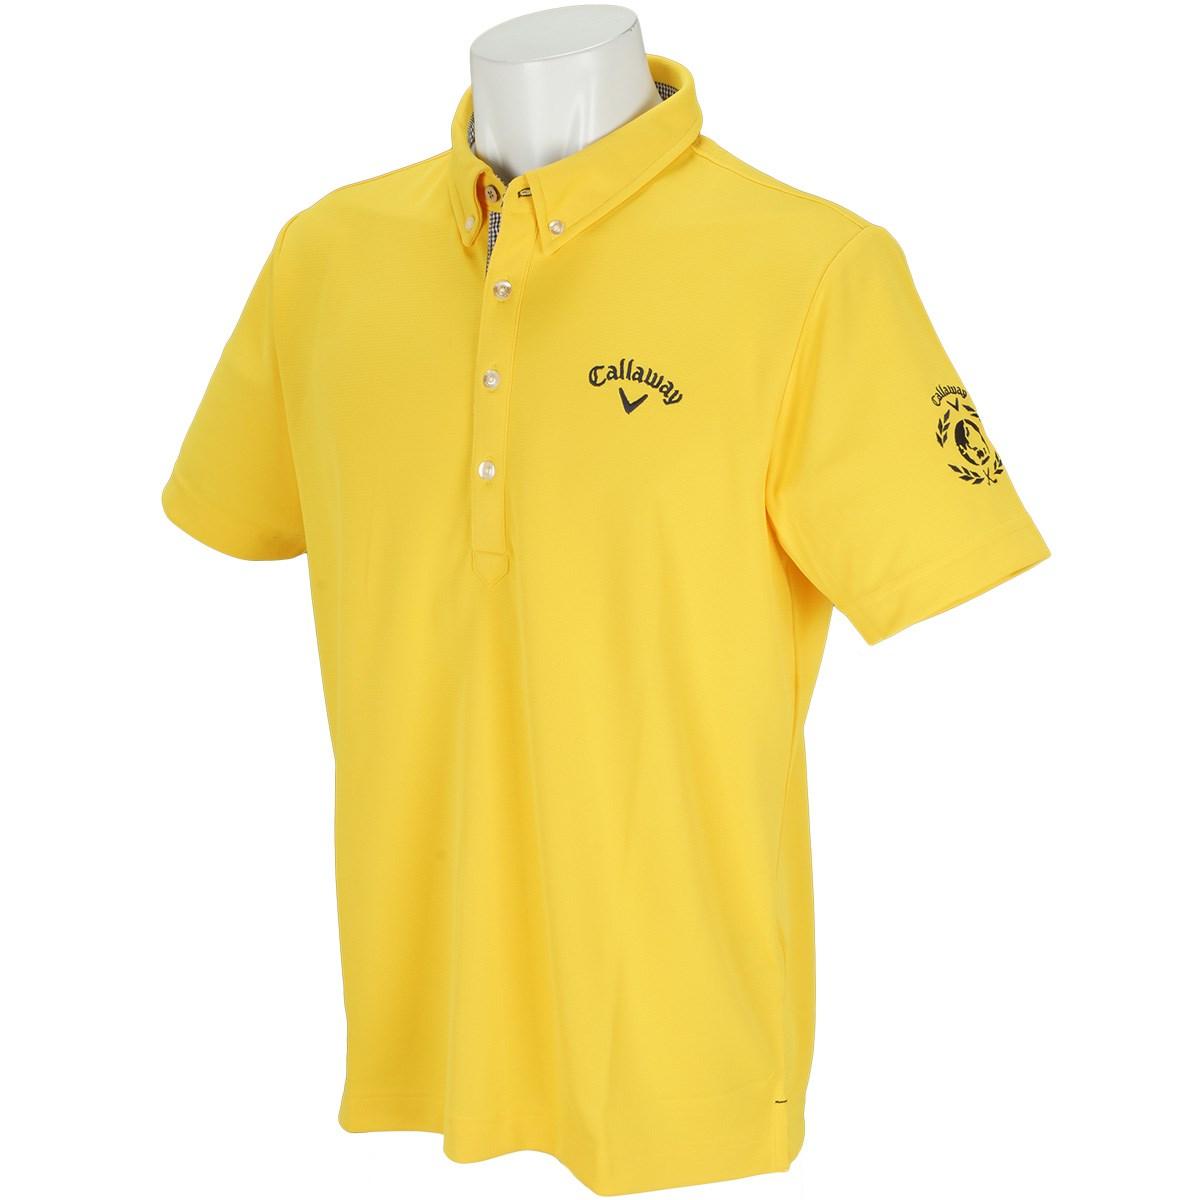 キャロウェイゴルフ(Callaway Golf) ボタンダウン -2℃+200cc カラー半袖ポロシャツ